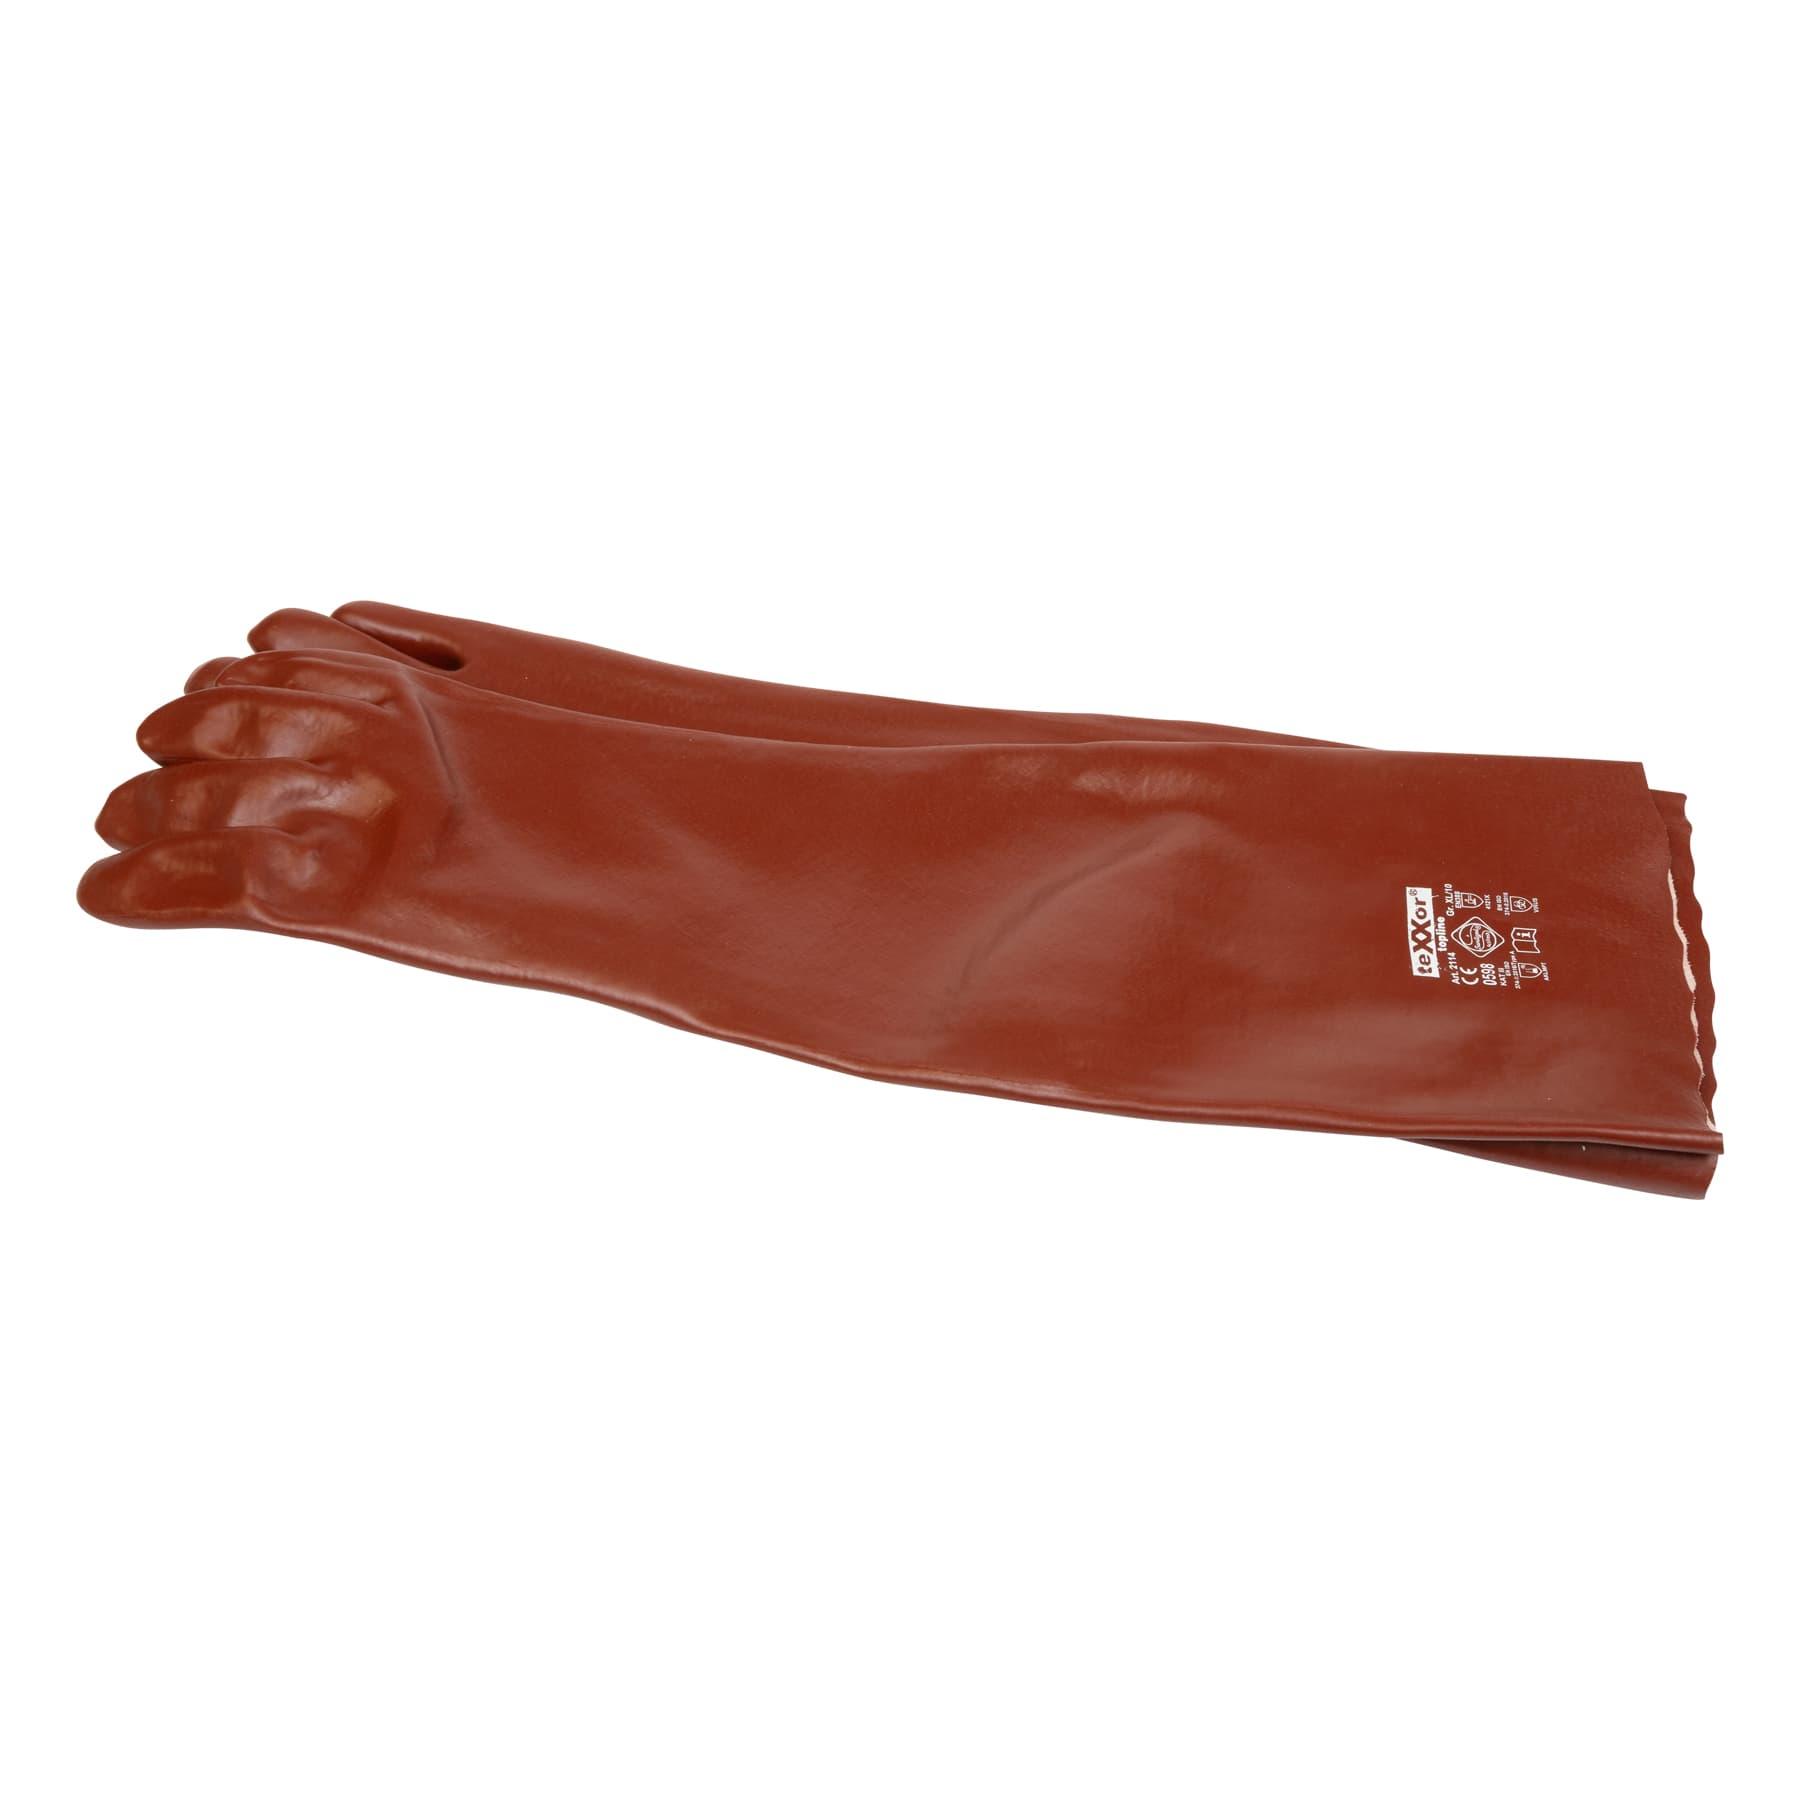 Chemikalienschutz-Handschuhe (Säureschutzhandschuhe), PVC rotbraun, ca. 58 cm lang 1 Paar Art. 2114